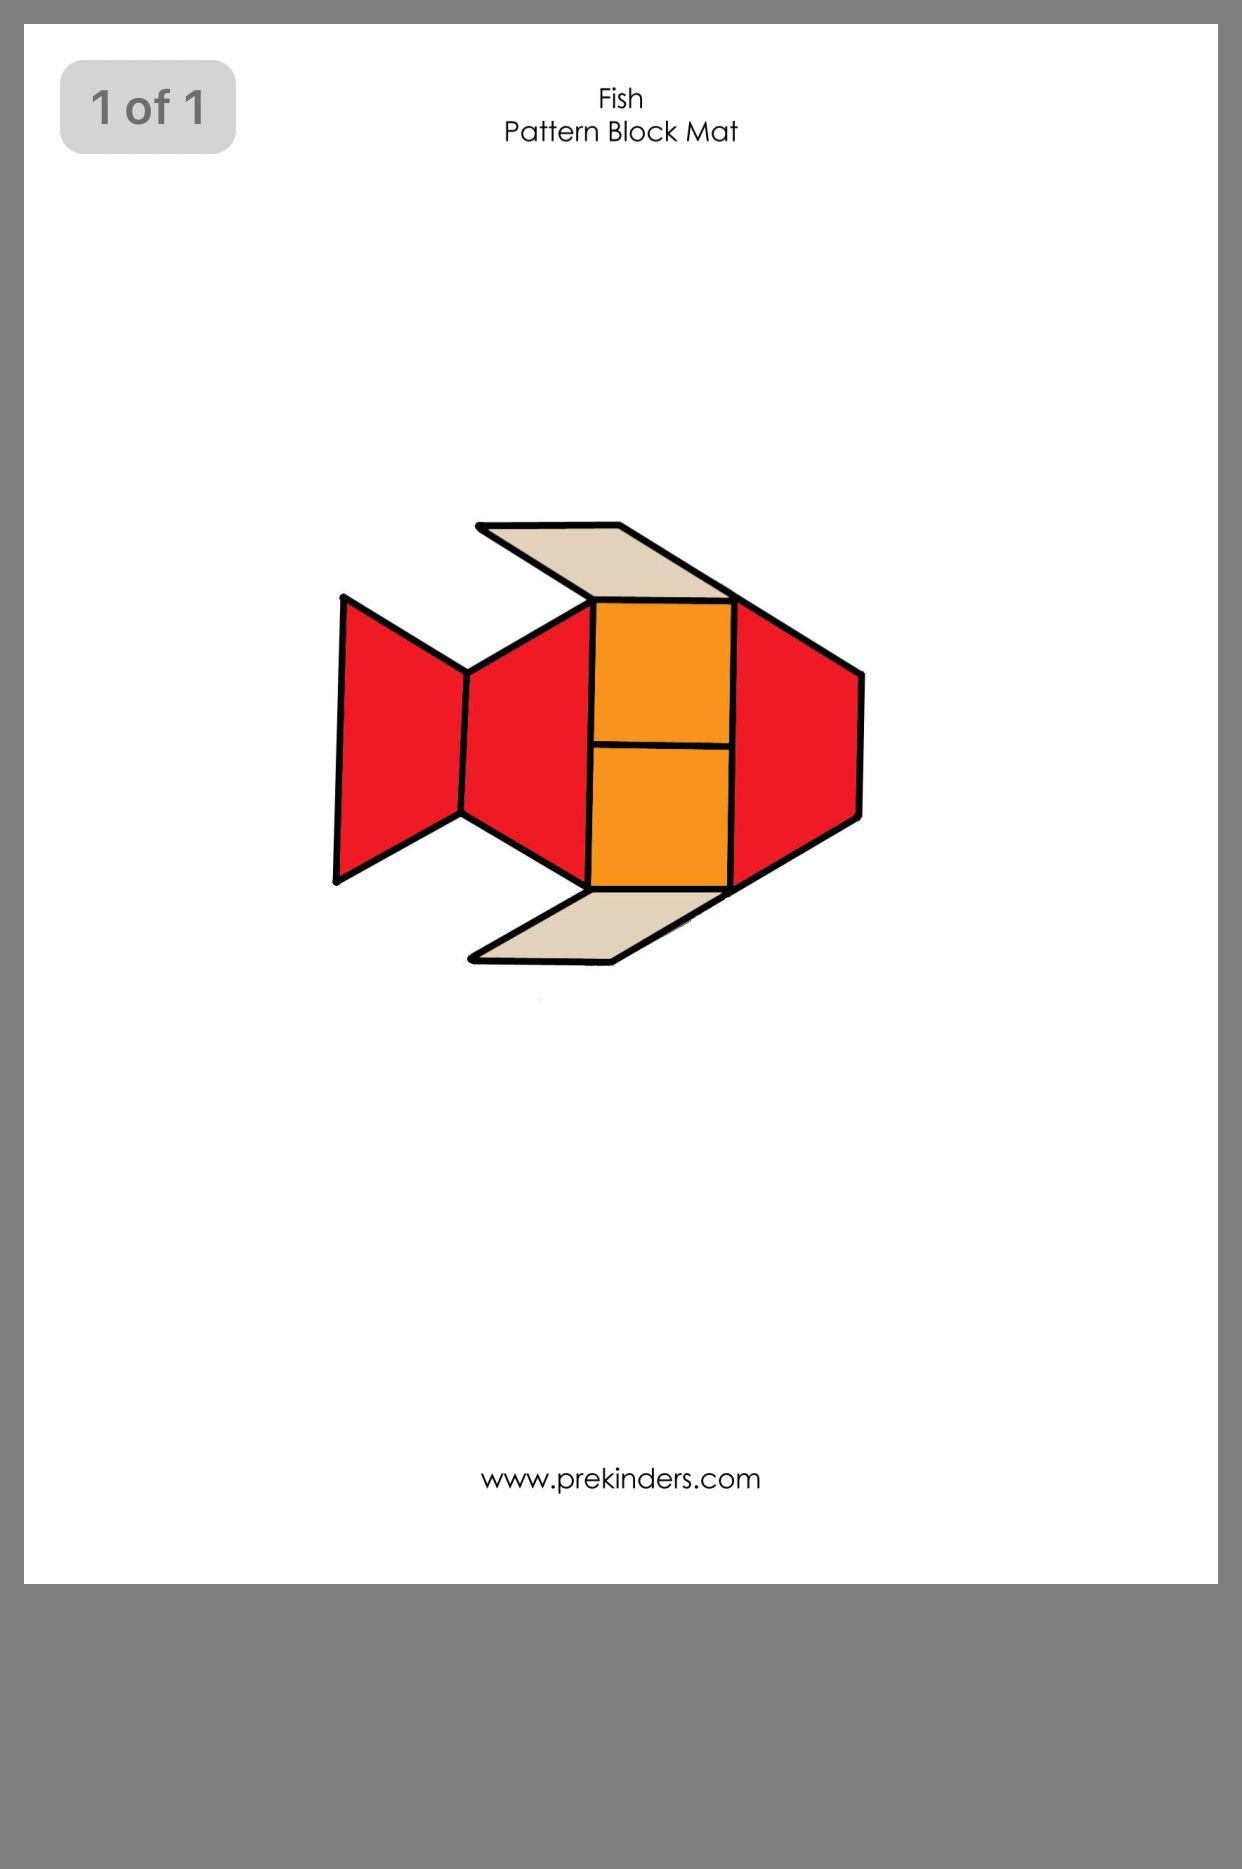 Pin By Missy Kline On Preschool Block Patterns Pattern Block Templates Pattern Blocks Blocks Preschool [ 1869 x 1242 Pixel ]